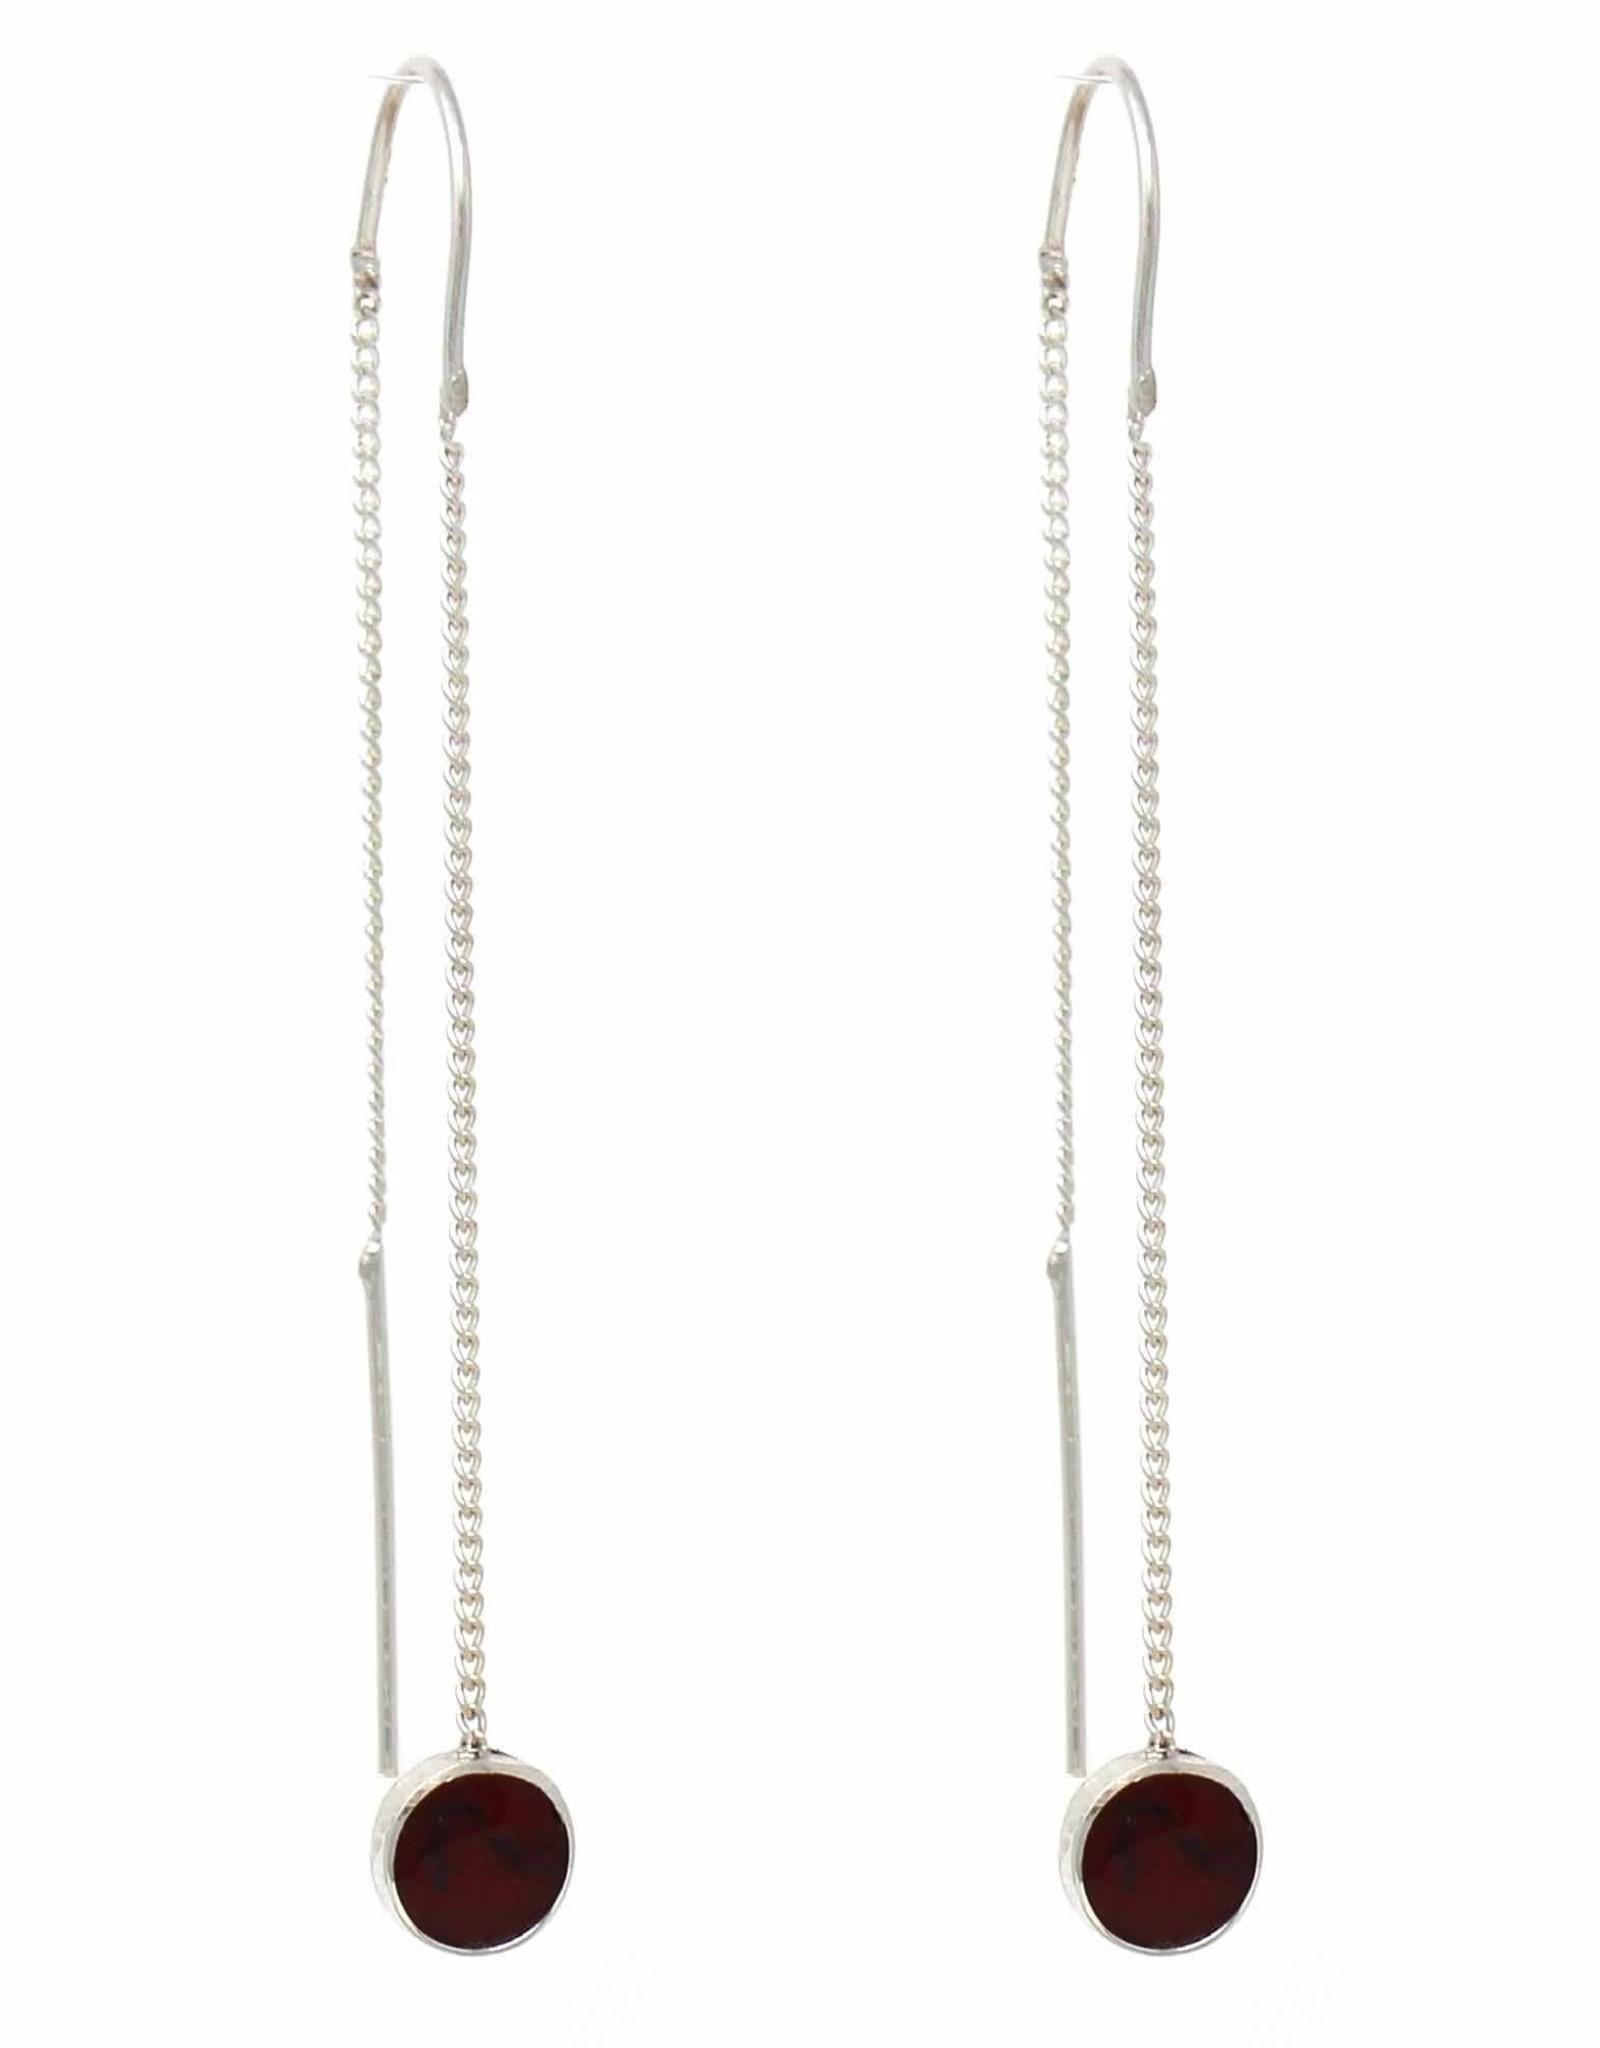 Silver Threader Chain w/ Red Jasper